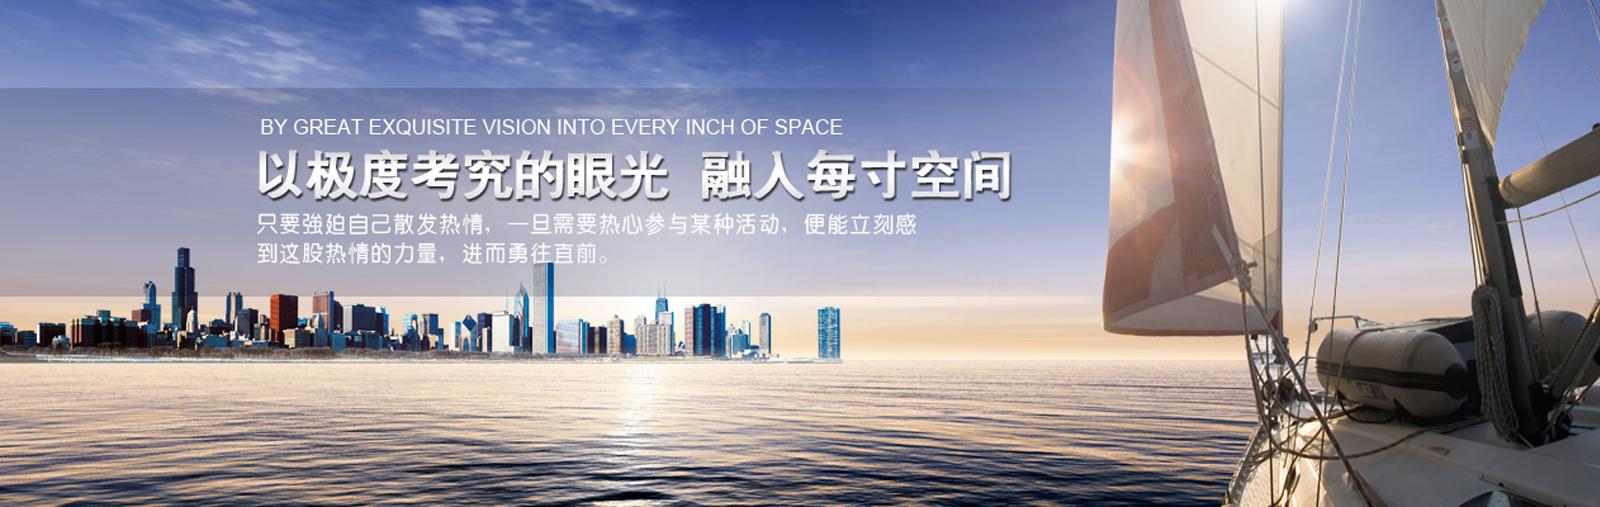 天津盛泰伟业燃气设备有限公司